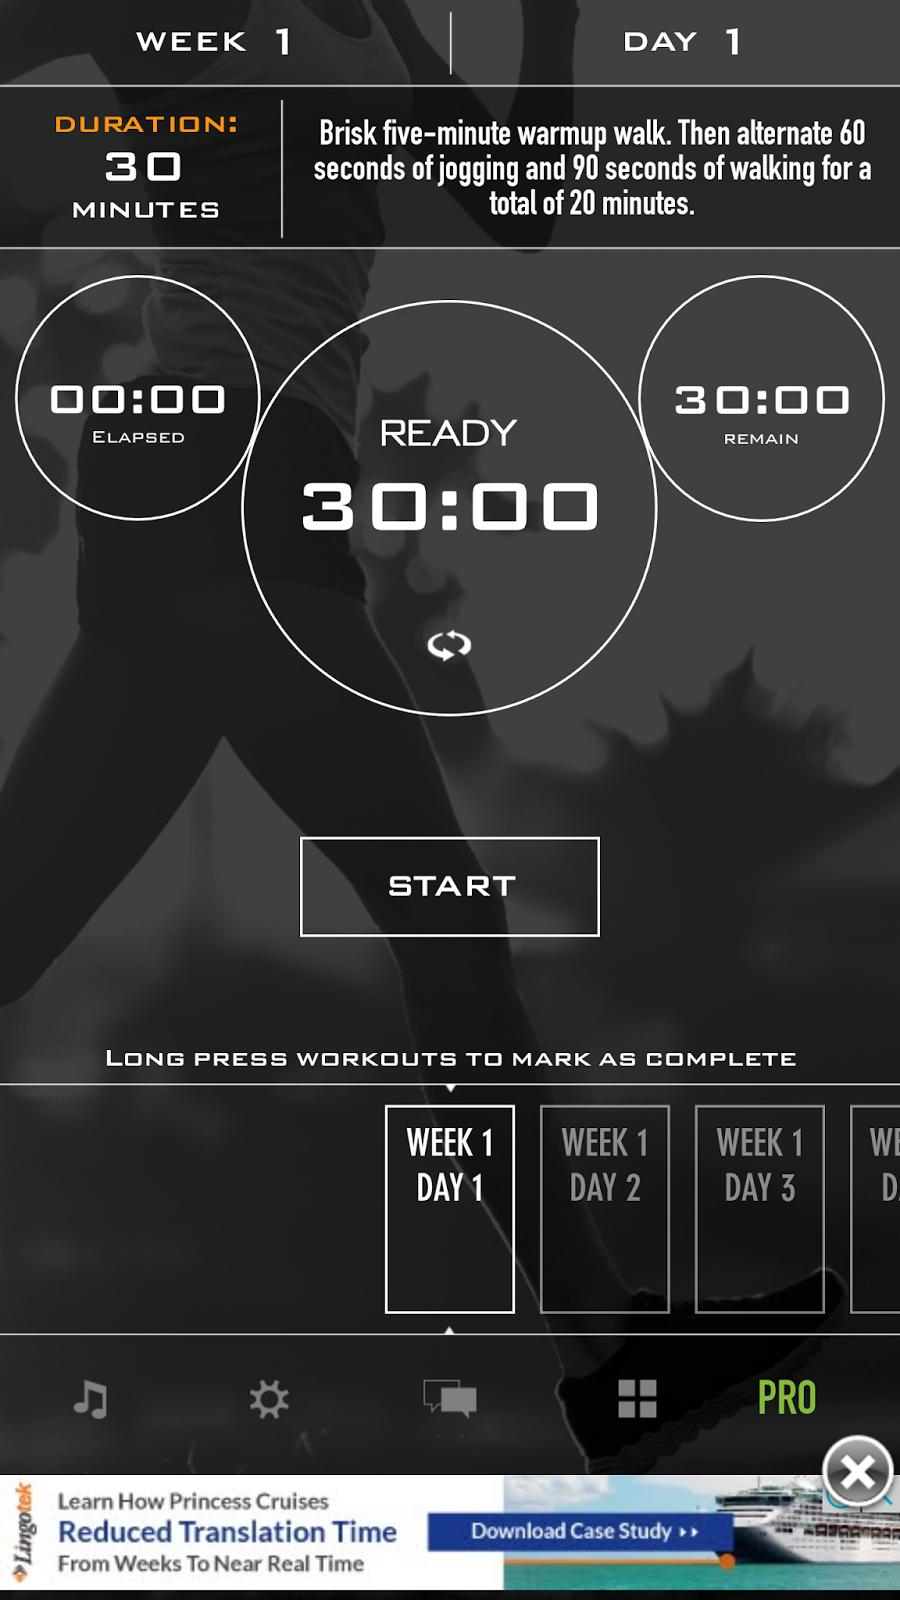 تطبيق Couch to 5K سيساعدك على رفع لياقتك البدنية عبر الركض | بحرية درويد